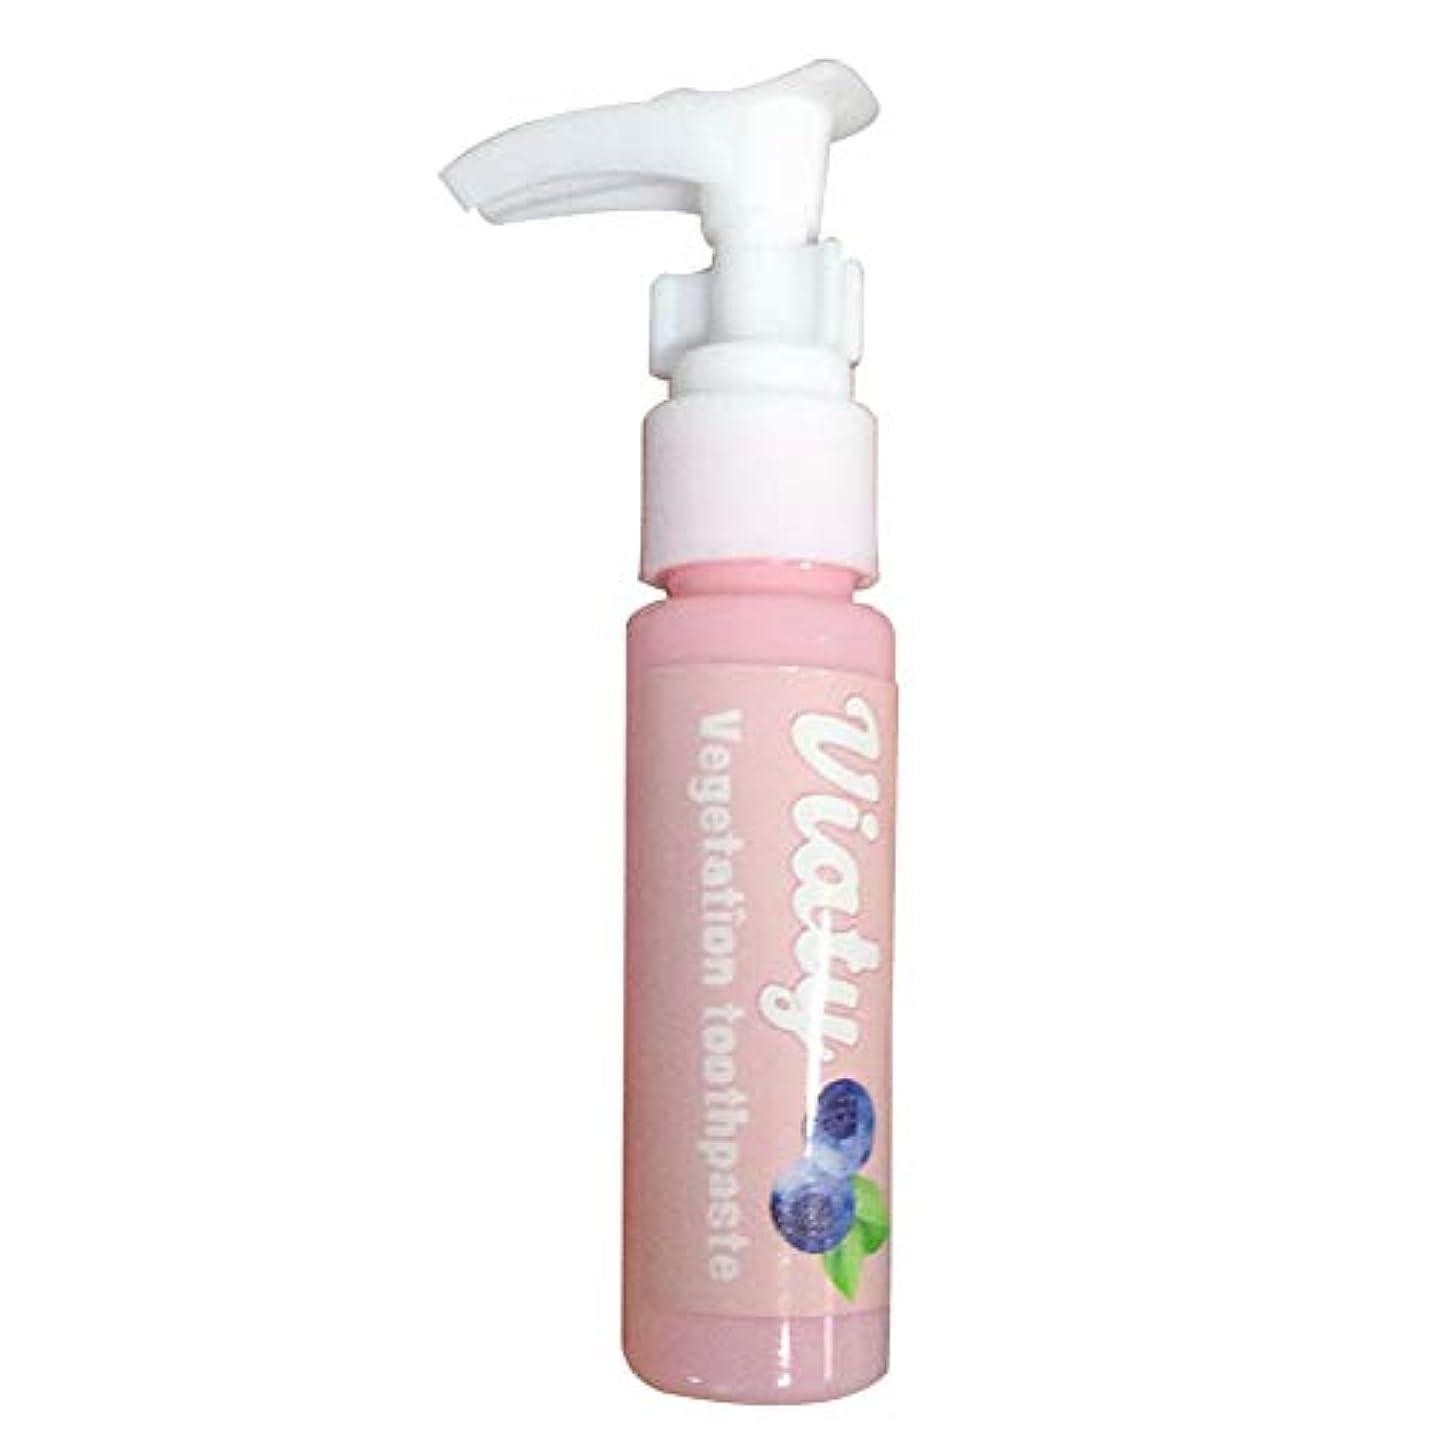 若者トレイせせらぎJanusSaja歯磨き粉を押す旅行ベーキングソーダを白くする装置のフルーティーなベーキングソーダ歯磨き粉